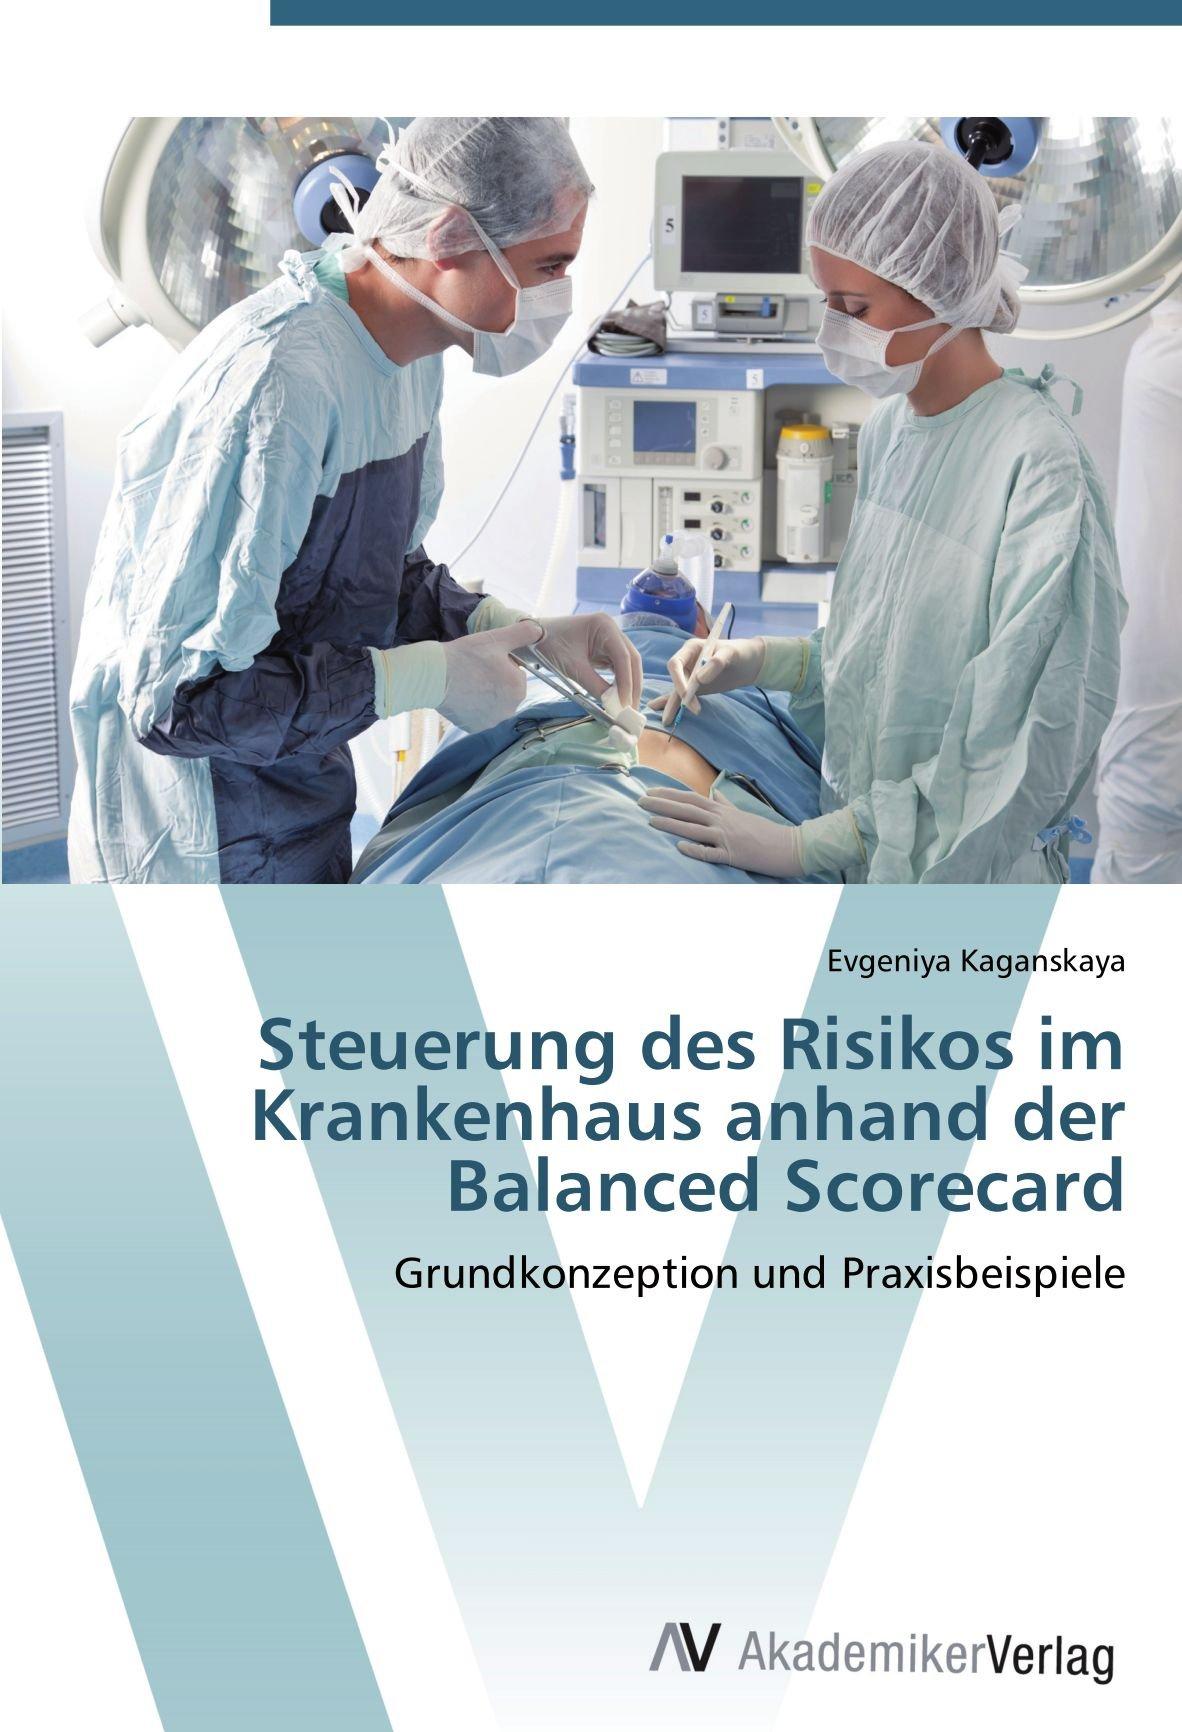 Steuerung des Risikos im Krankenhaus anhand der Balanced Scorecard: Grundkonzeption und Praxisbeispiele (German Edition) ebook